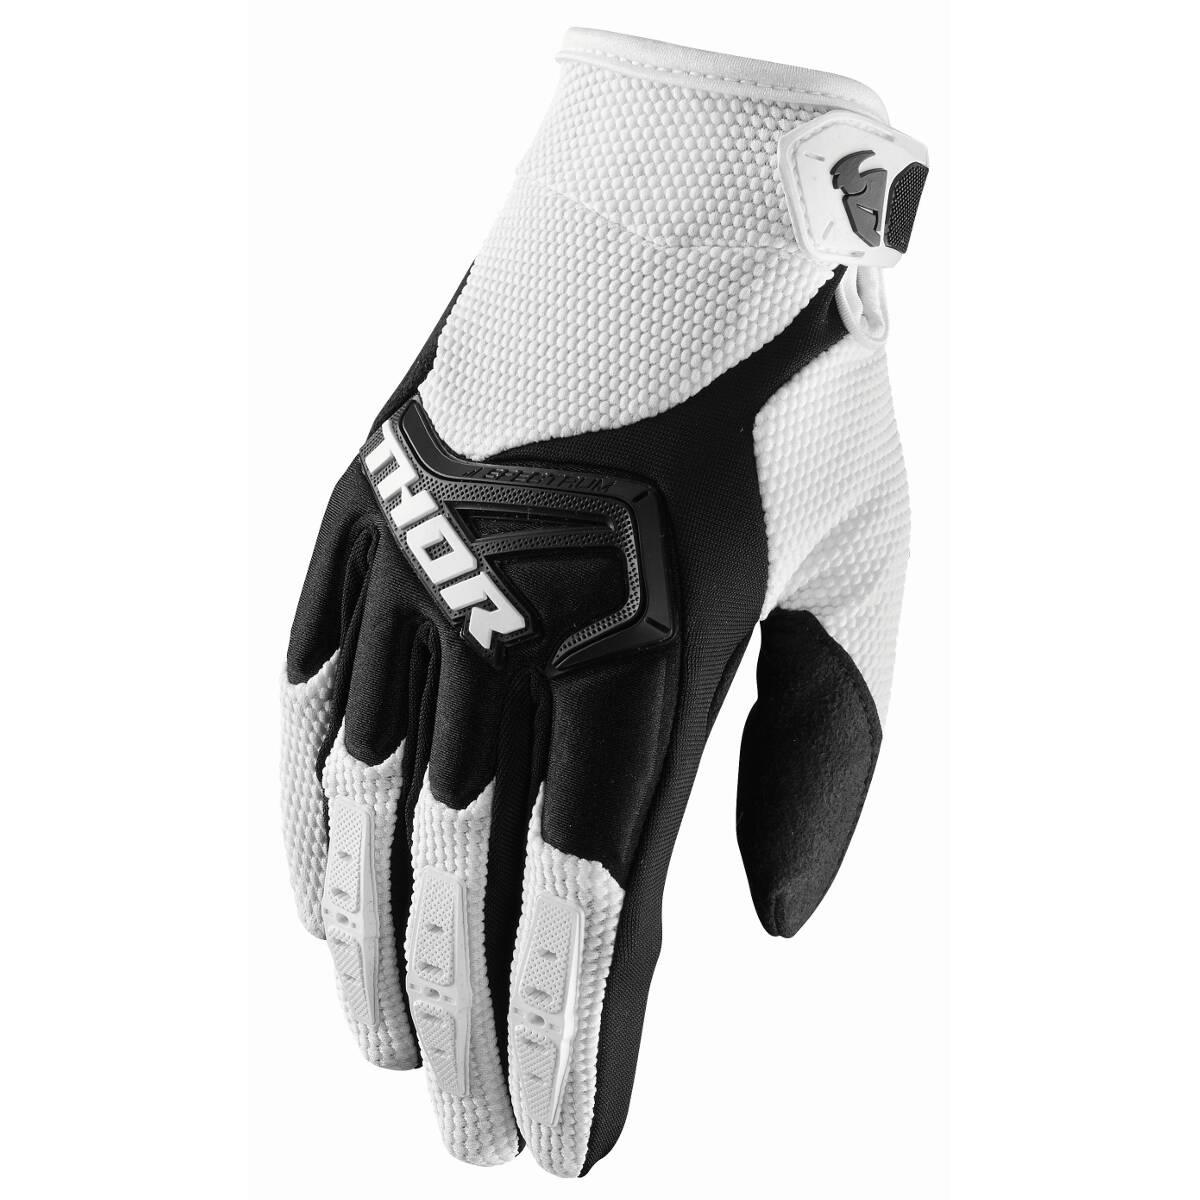 Thor Handschuhe Spectrum Weiß/Schwarz